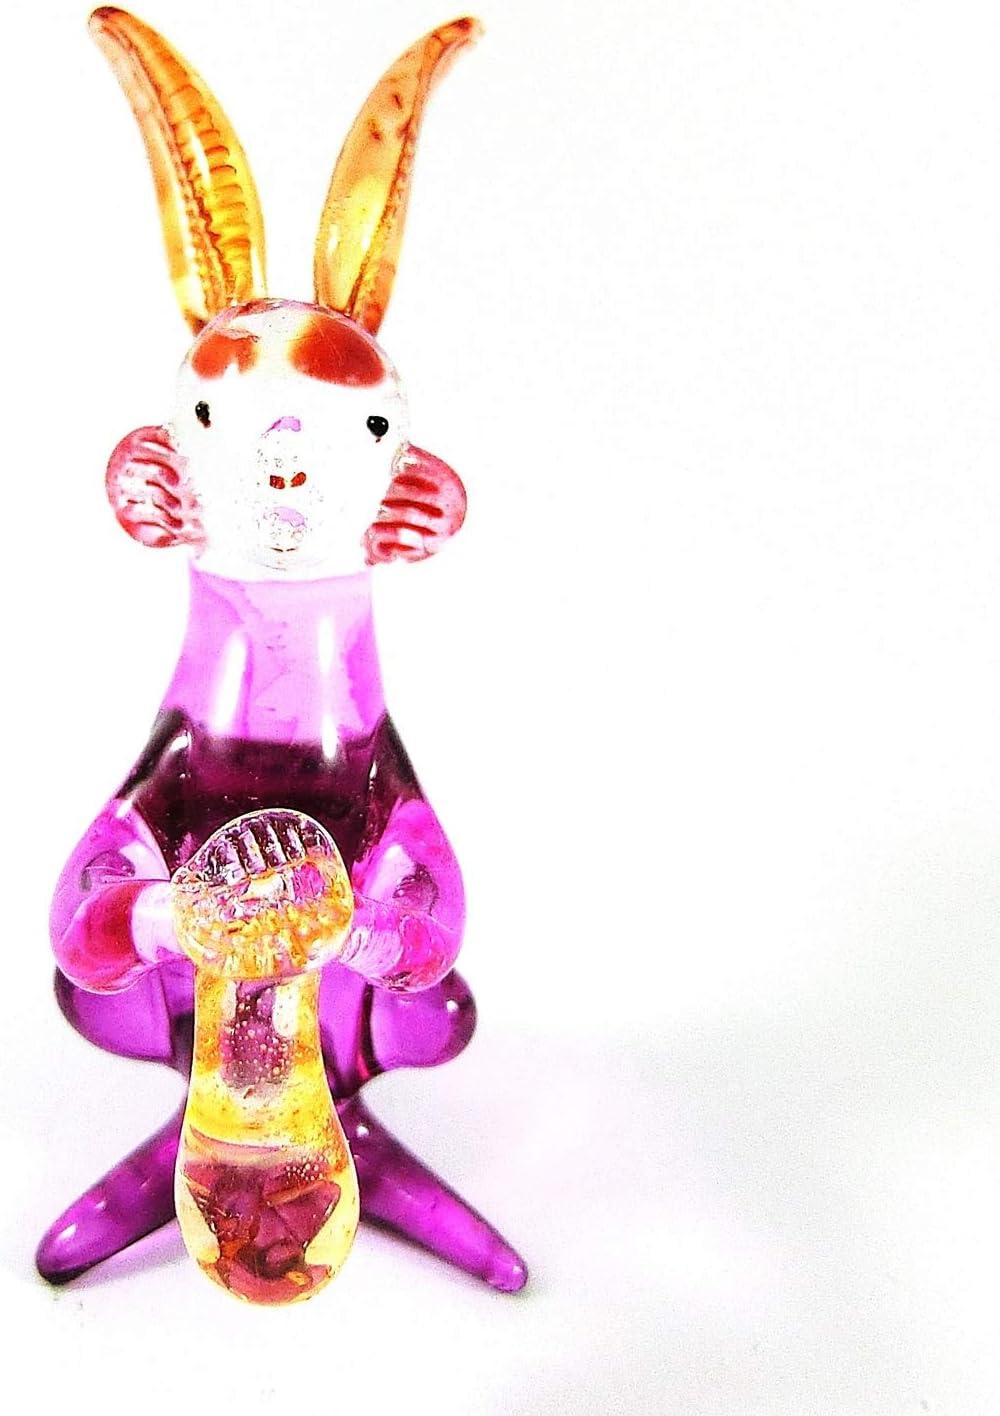 Spk Art Handmade Craft Blown Glass Lampwork Pink Rabbit Figurine Glass Sculpture Home Resort Decor